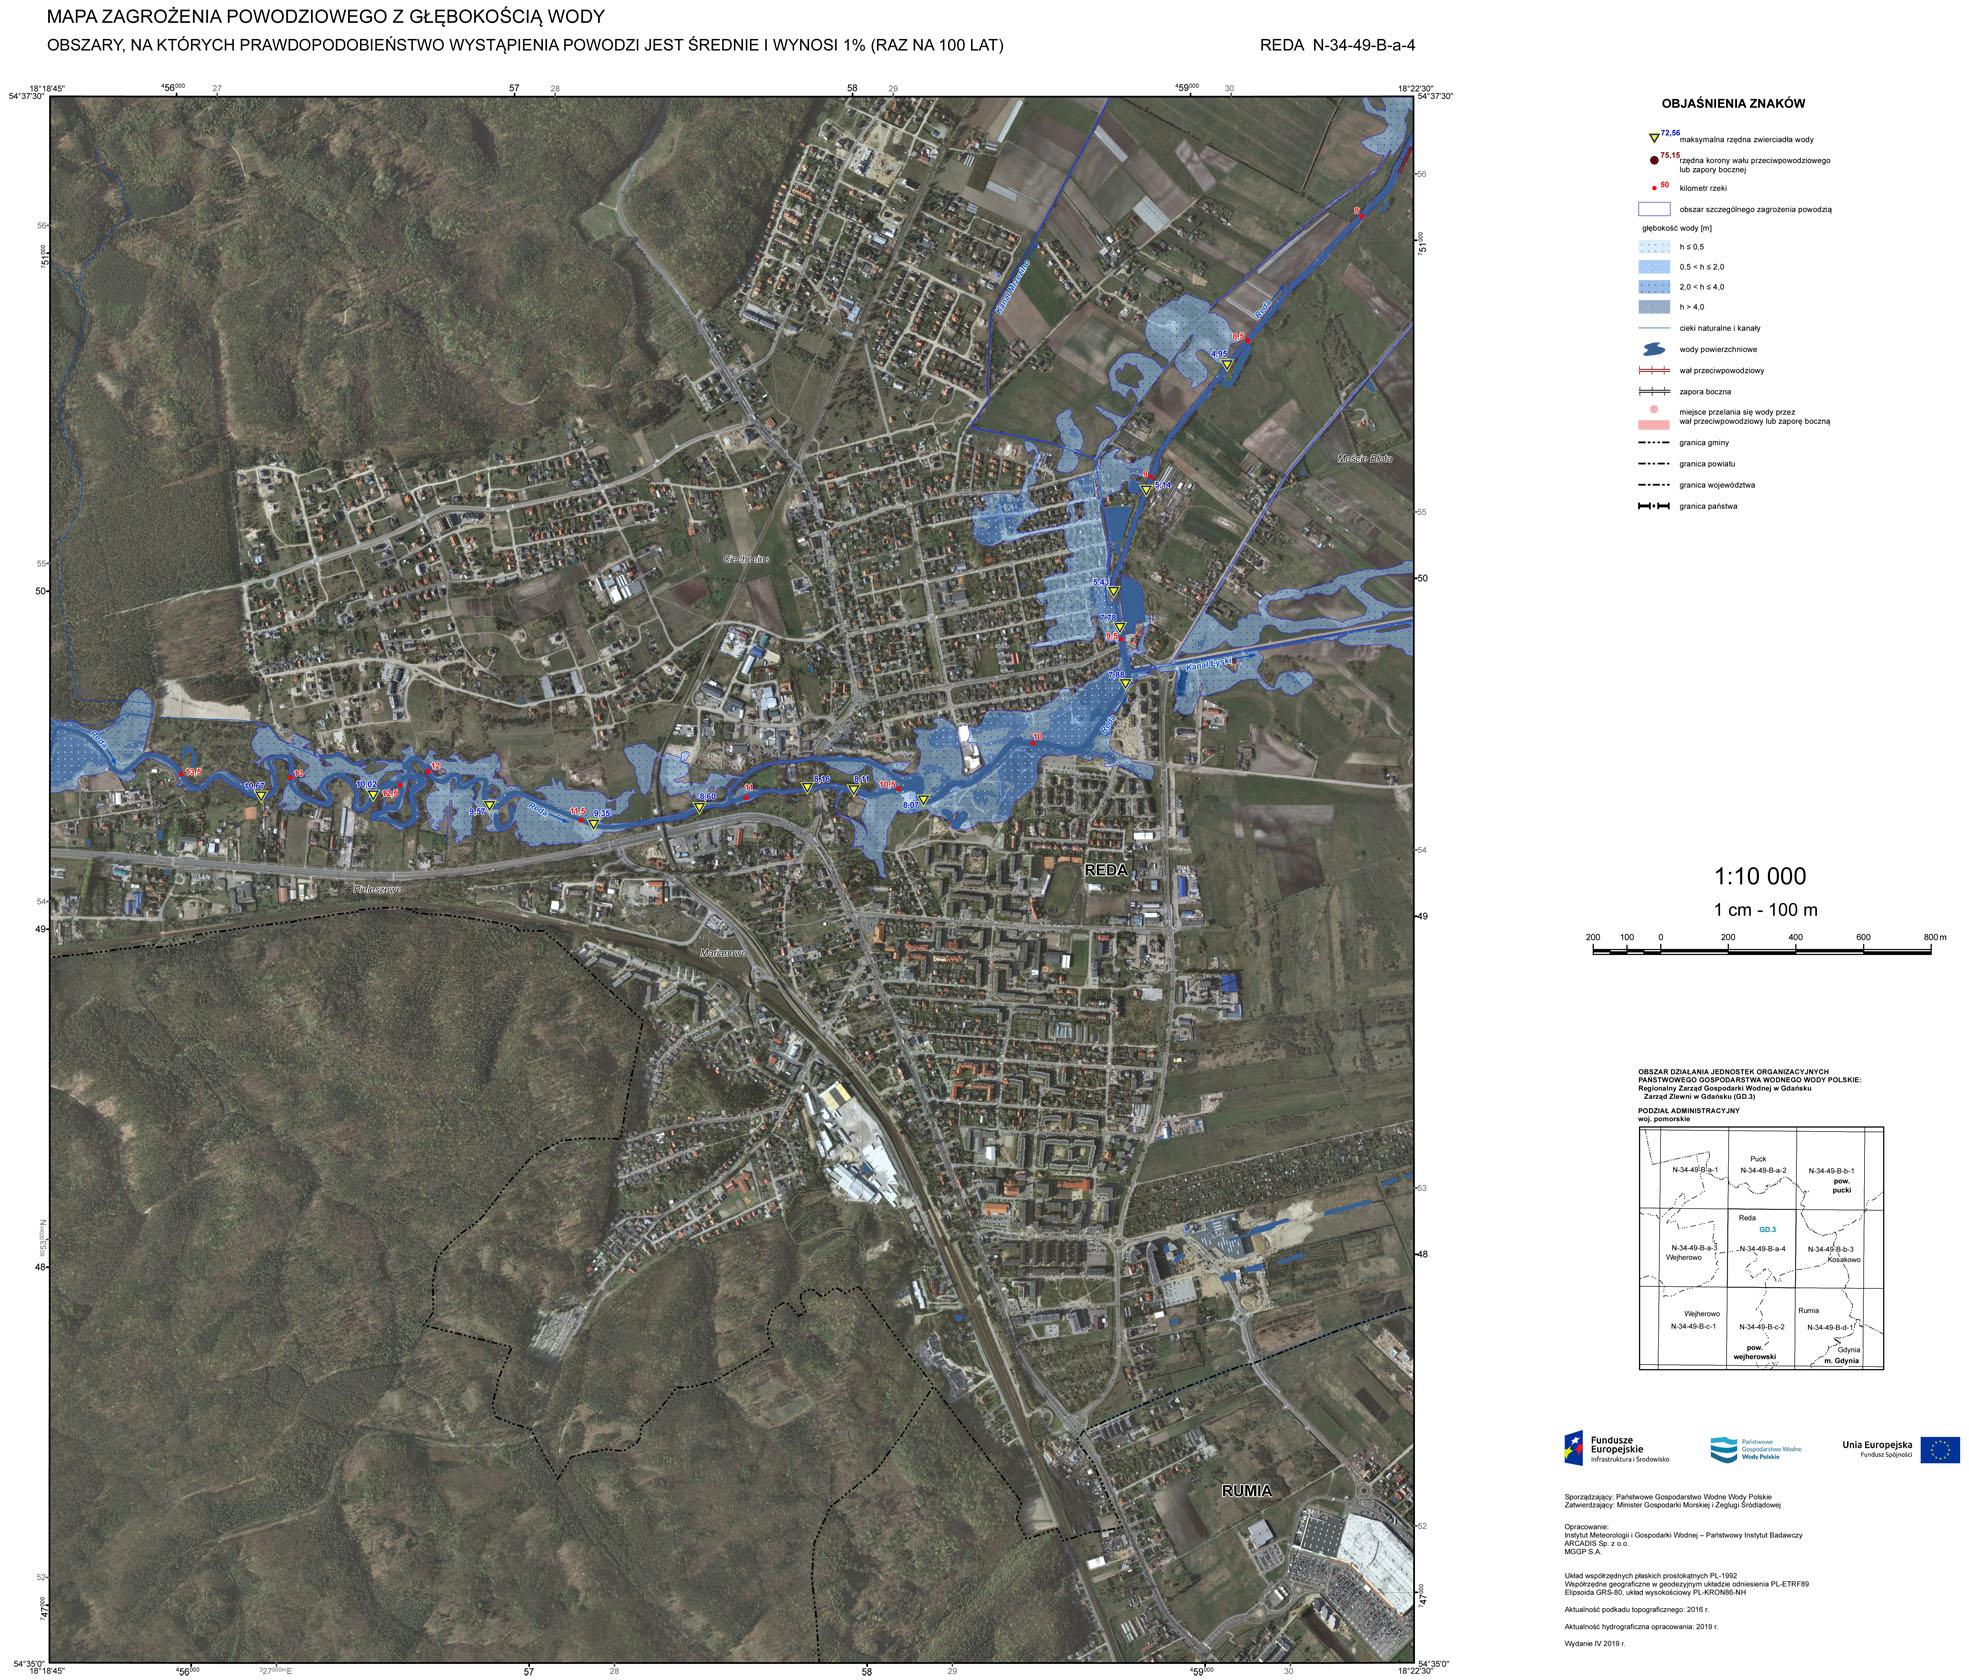 Mapa zagrożenia powodziowego; Reda.